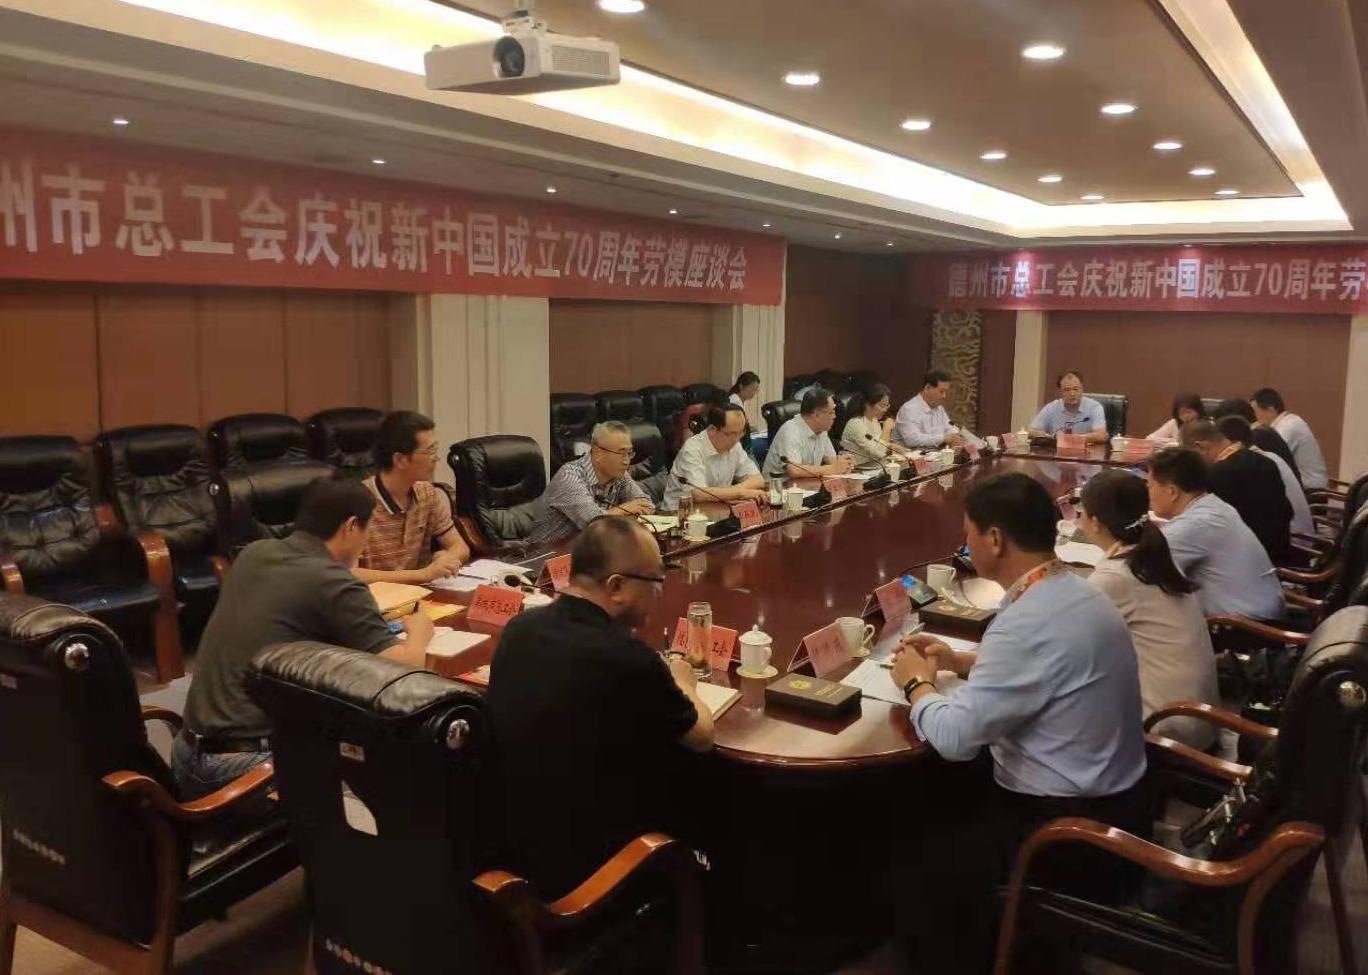 德州召开庆祝新中国成立70周年全国劳模座谈会